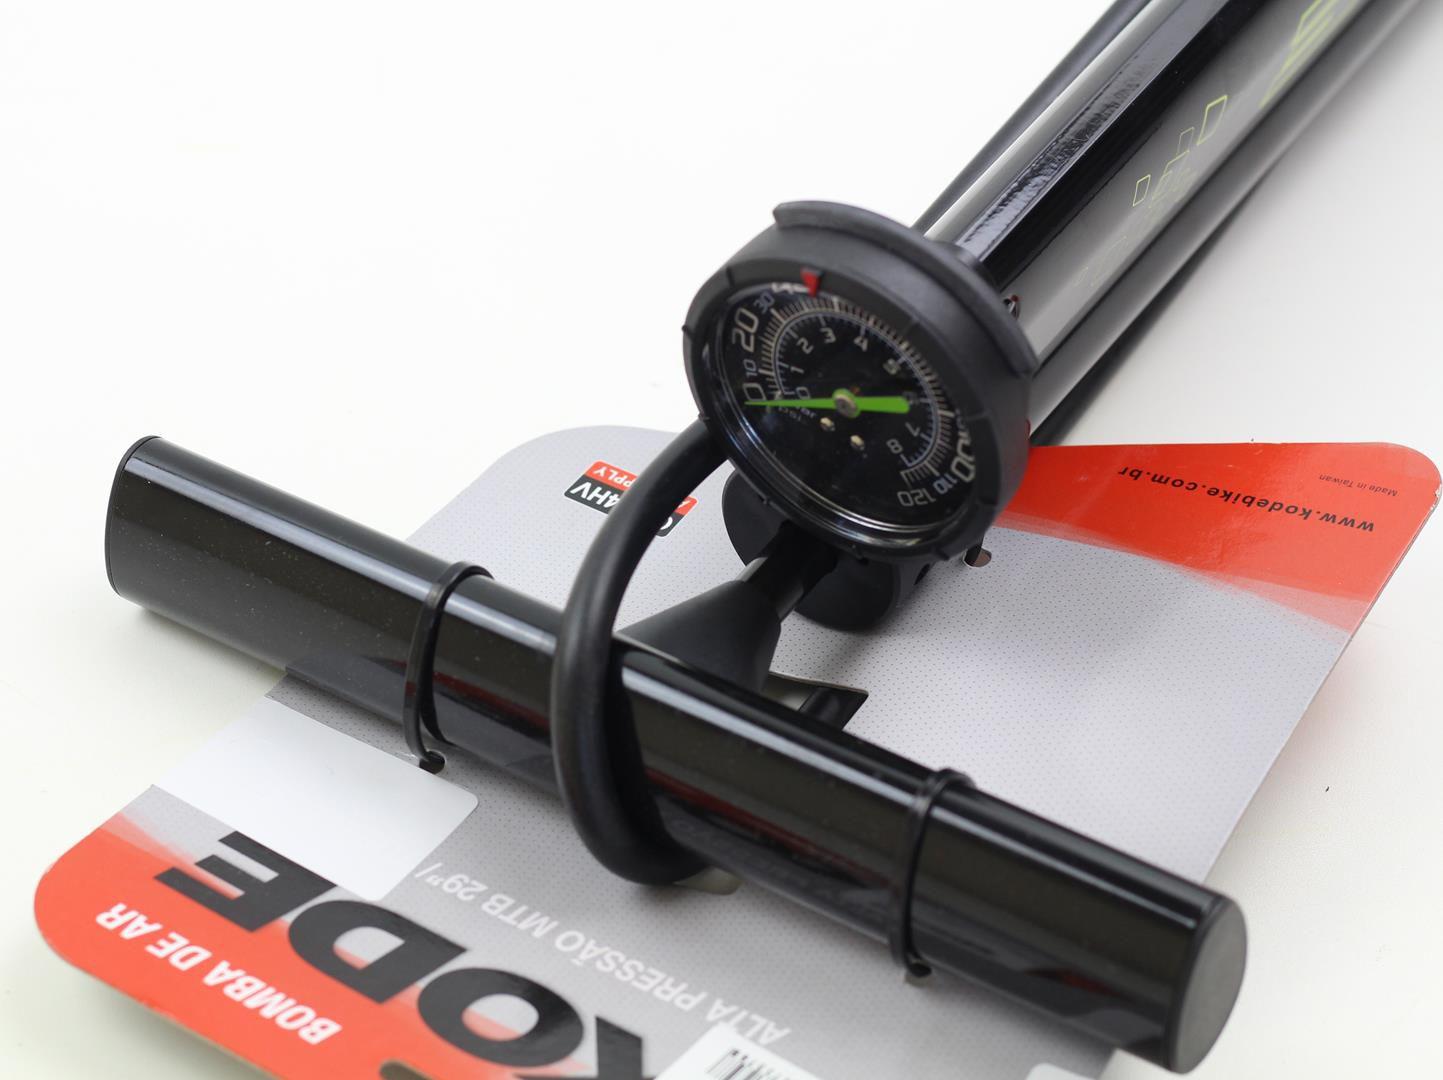 Bomba de Pé para bicicletas Kode GF94HV em Aluminio Com Manômetro 120psi